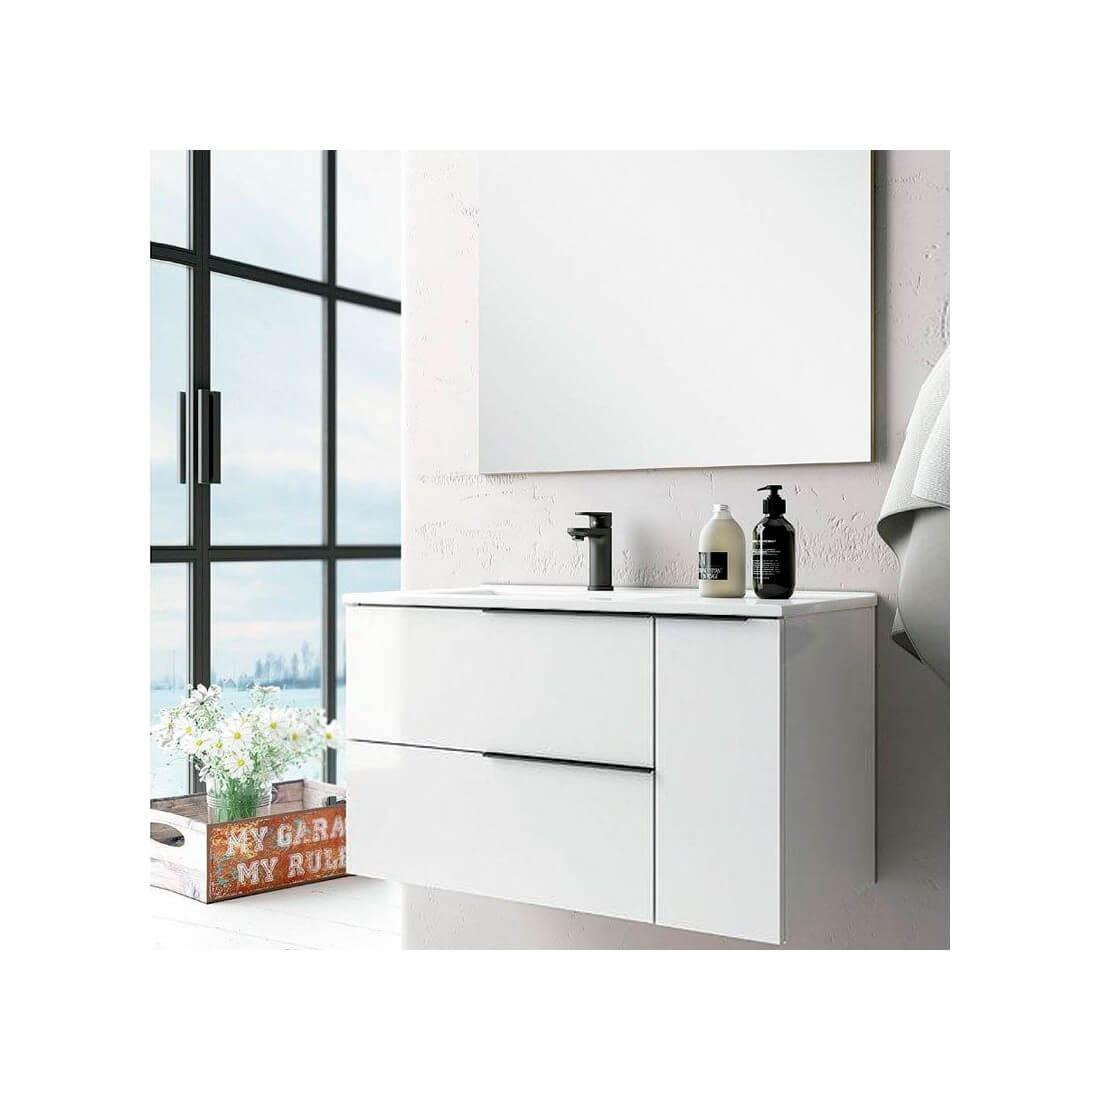 ▷ Mueble de baño Malmedy de Otium -【Mueble suspendido】- TheBath